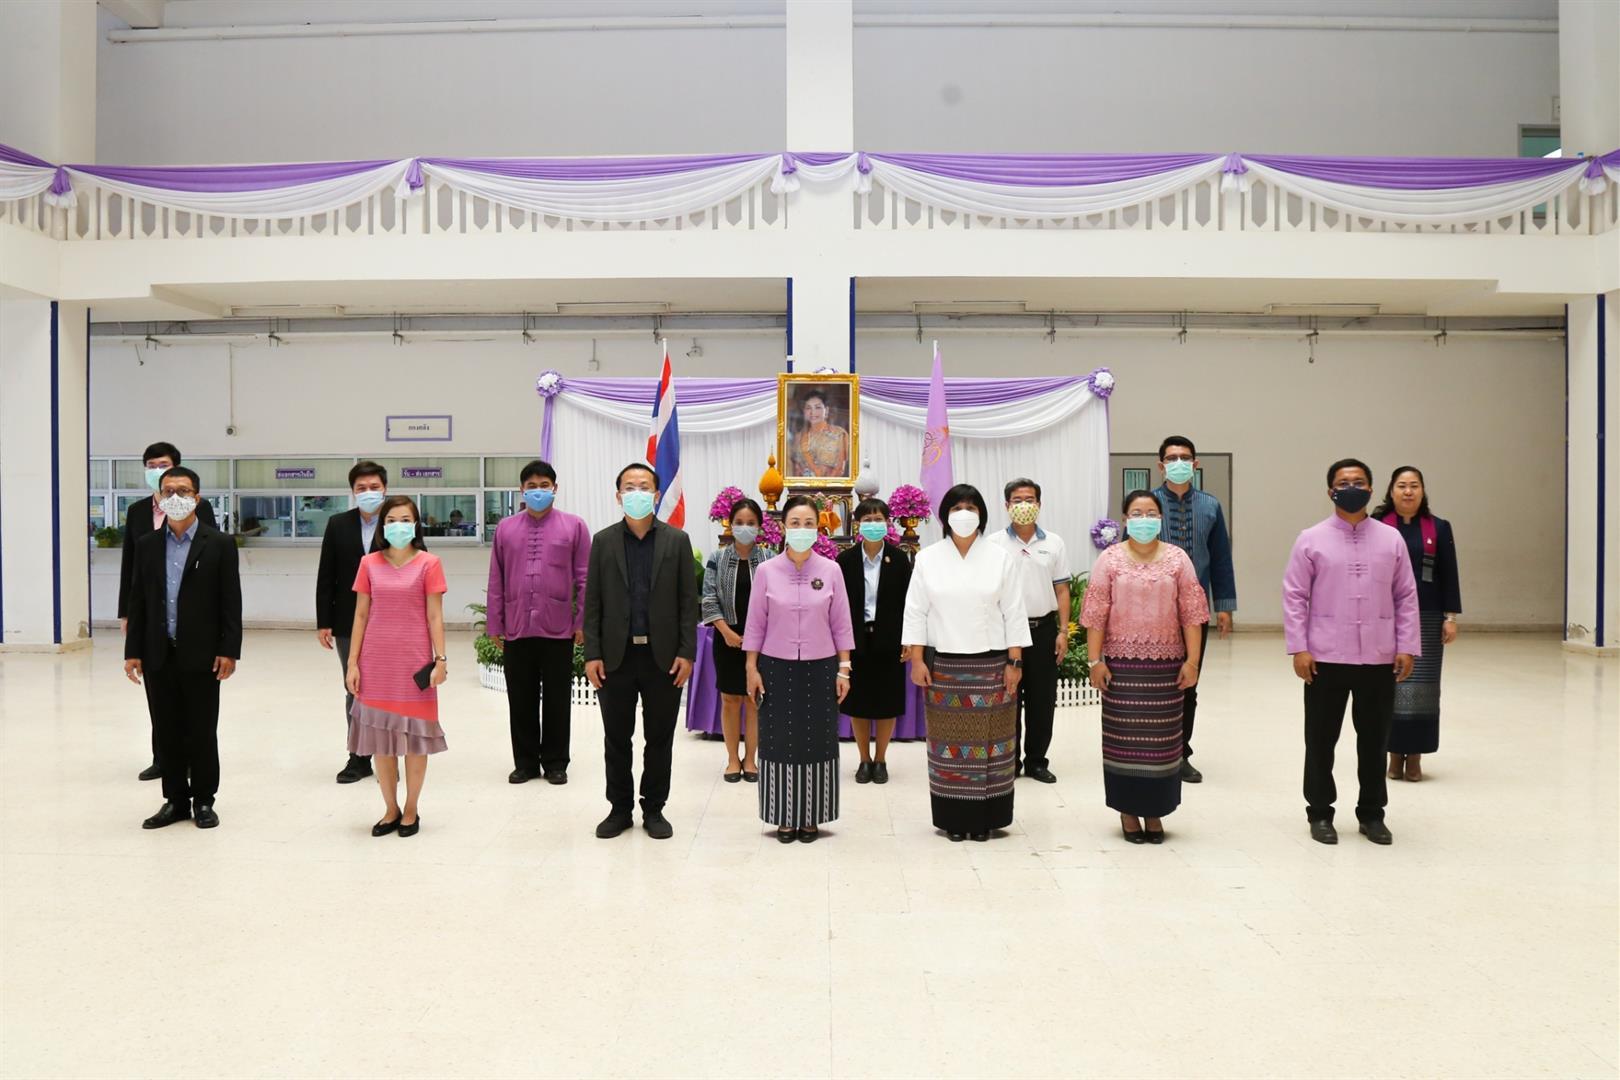 มหาวิทยาลัยพะเยา จัดพิธีลงนามถวายพระพรชัยมงคล สมเด็จพระนางเจ้าฯ พระบรมราชินี เนื่องในโอกาสวันเฉลิมพระชนมพรรษา 3 มิถุนายน2563